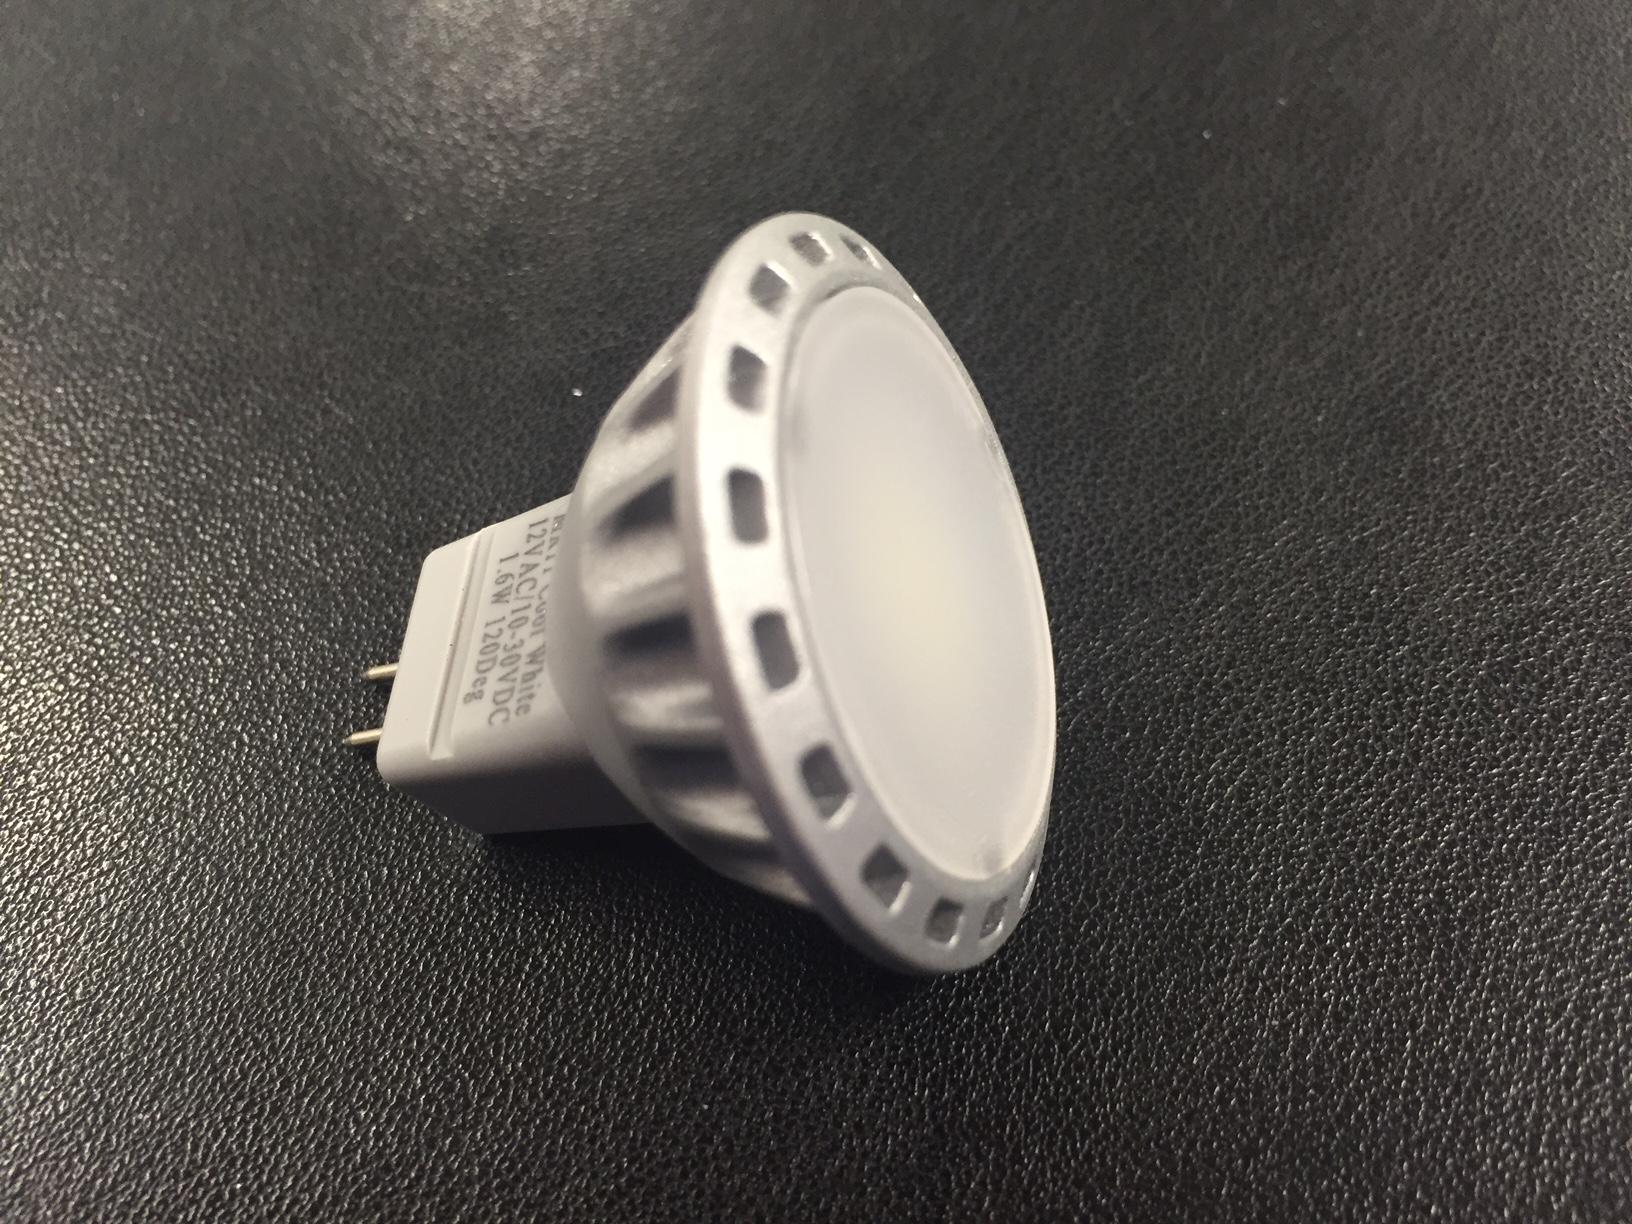 LED MR11 1.6W 12/24v c/w lens